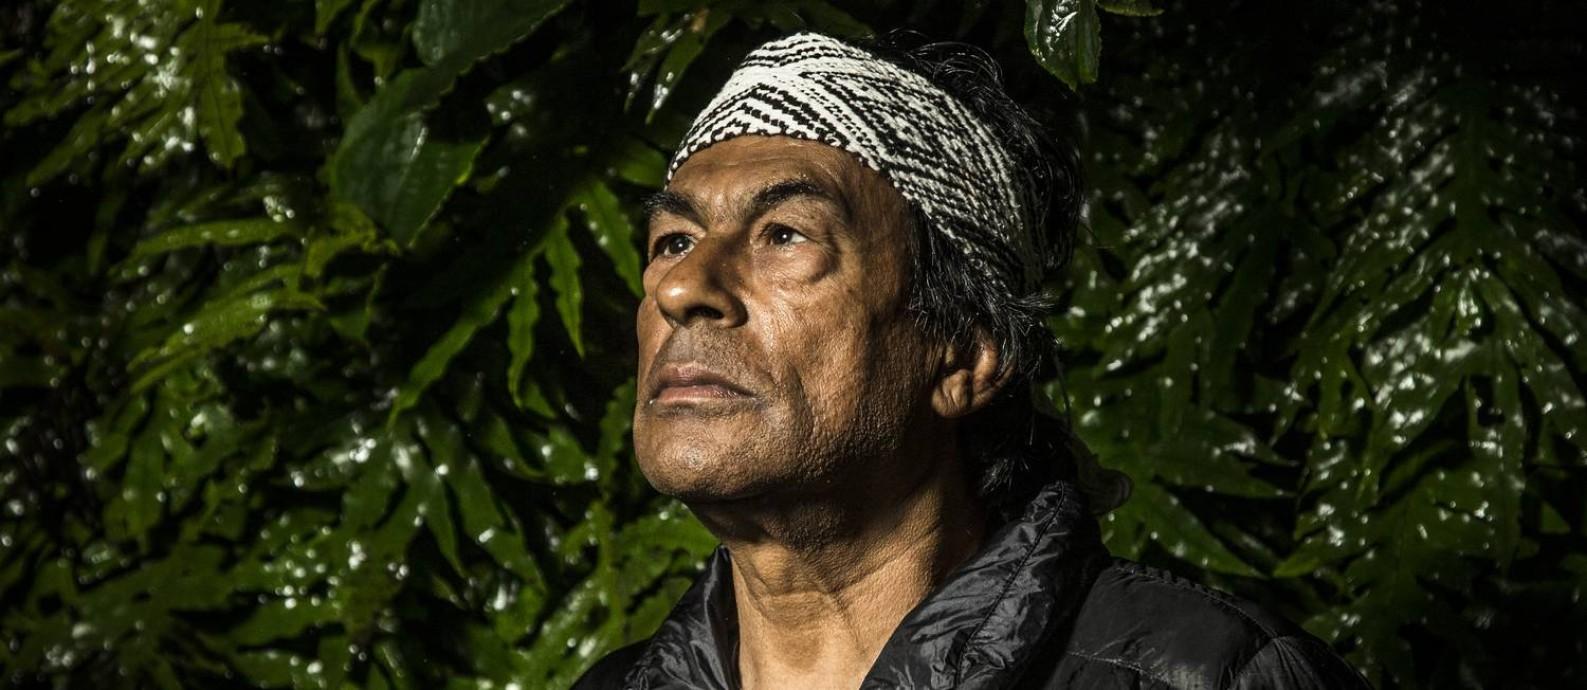 O ambientalista Ailton Krenak, autor de 'Ideias para adiar o fim do mundo' Foto: Guito Moreto / Agência O Globo